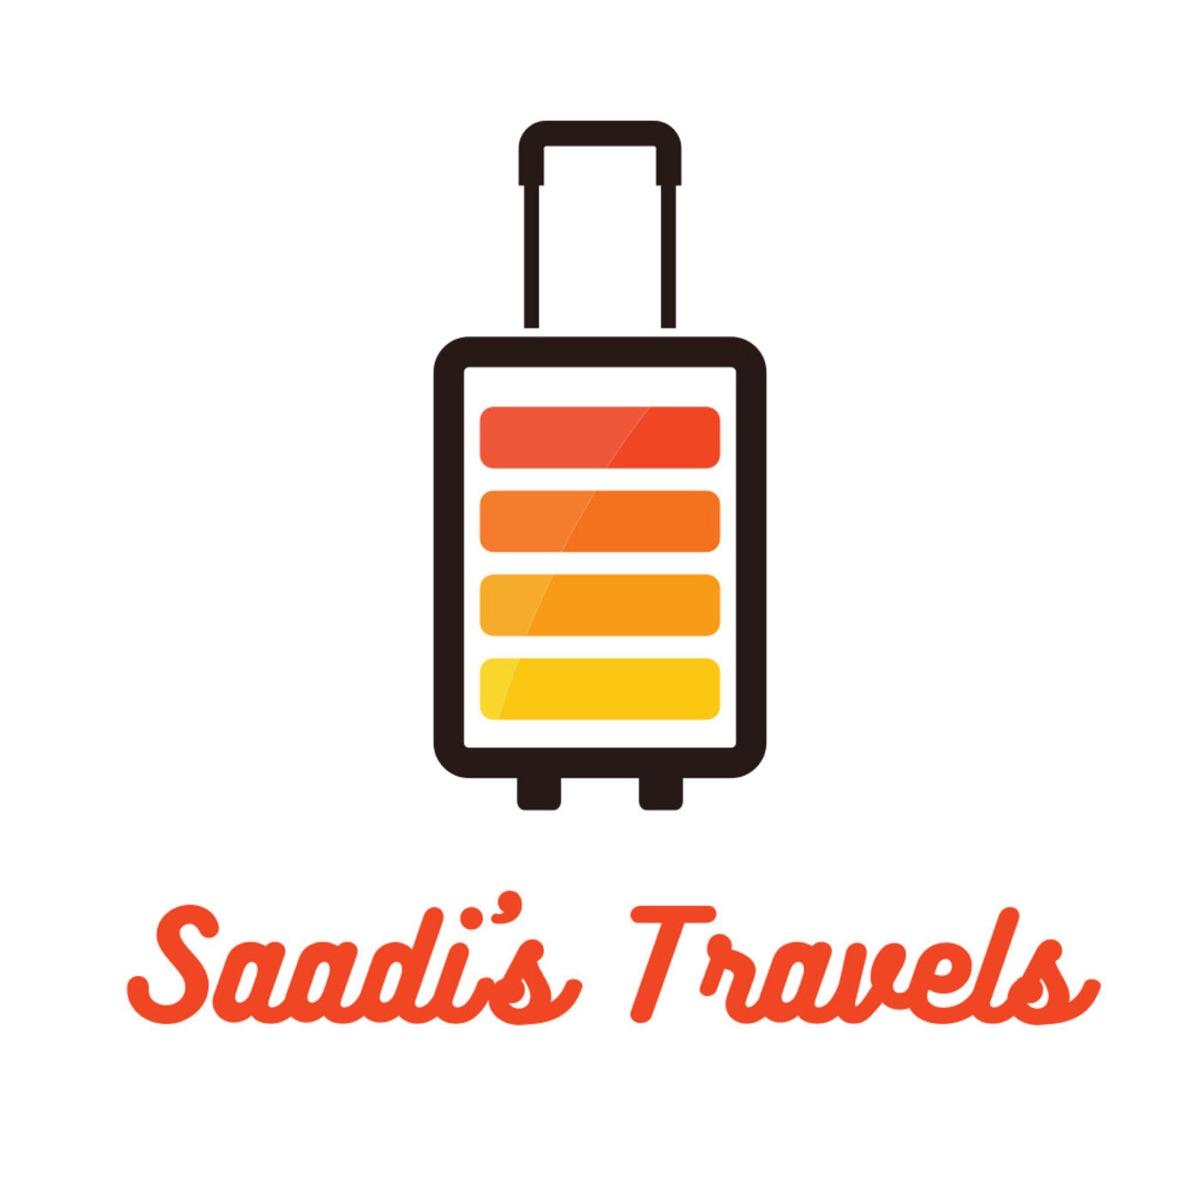 Saadi's Travels